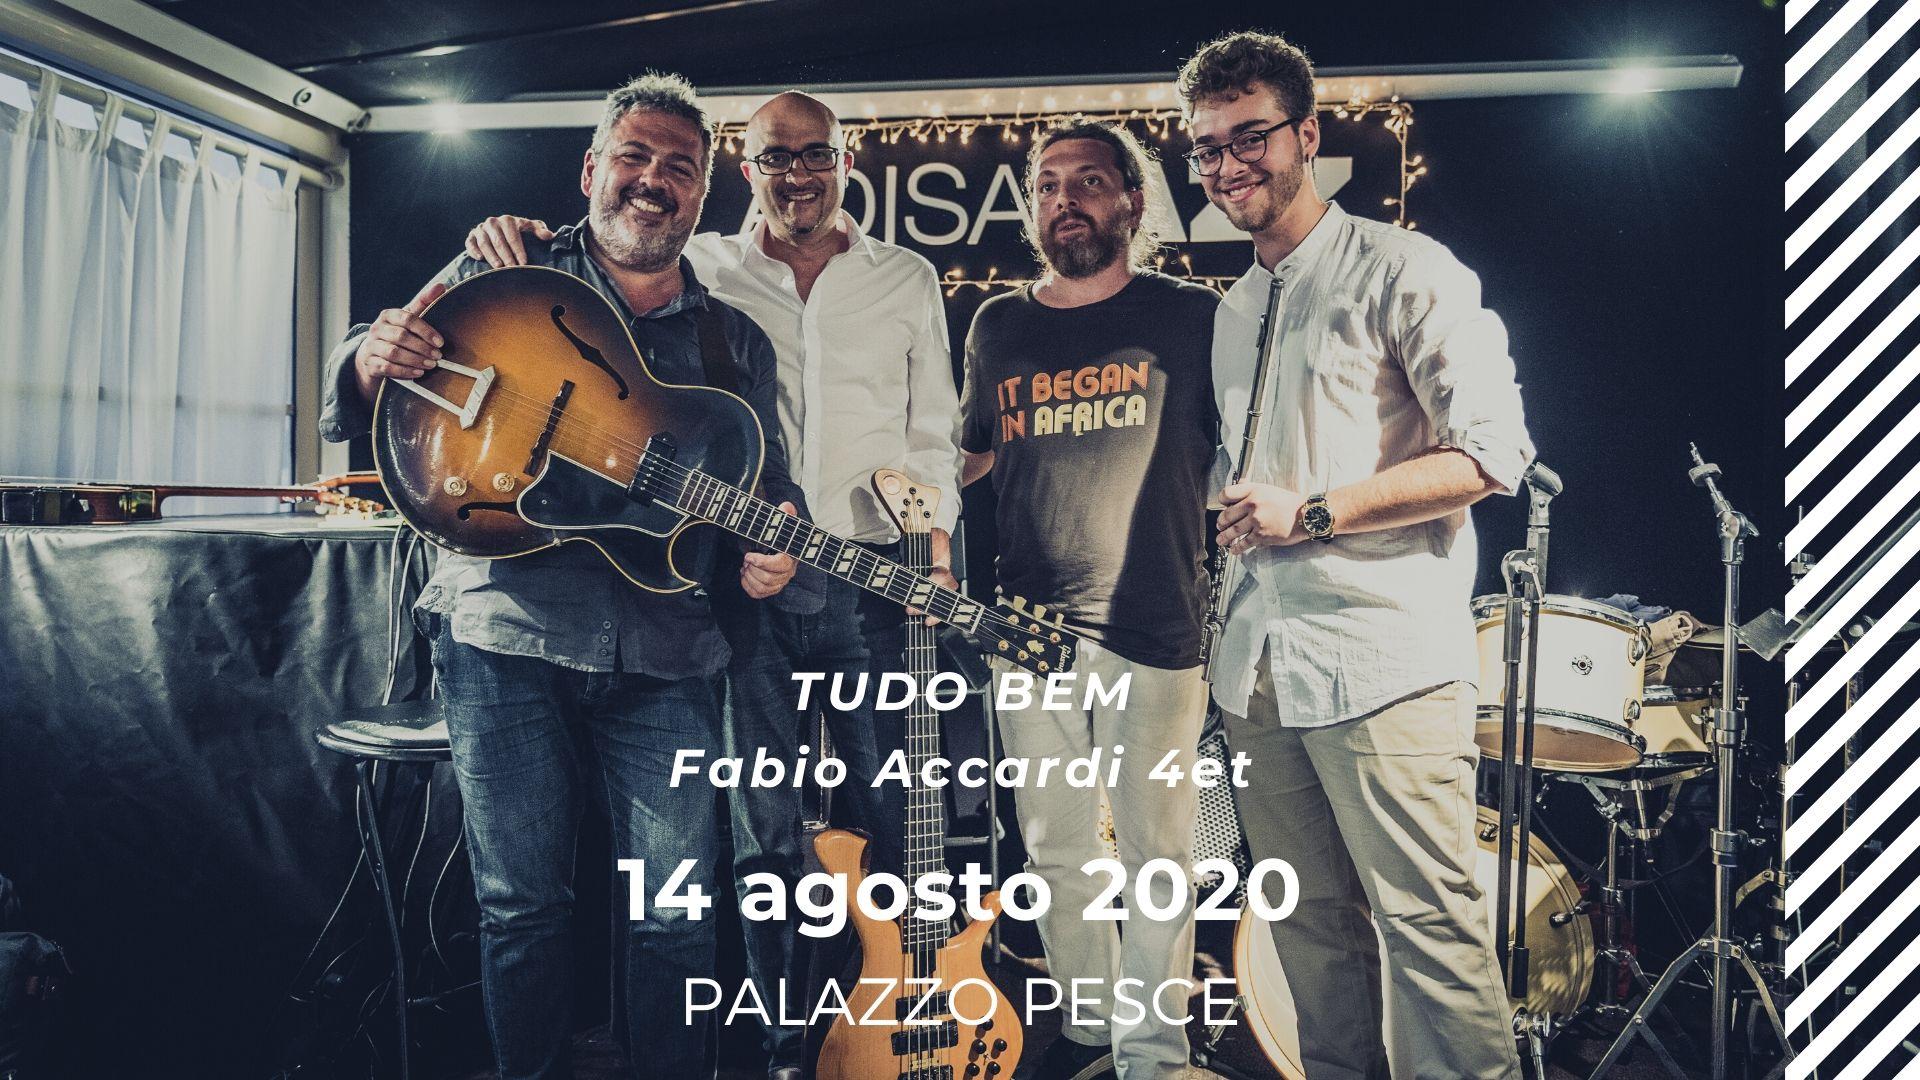 14 agosto 2020 Tudo Bem 4et a Palazzo Pesce